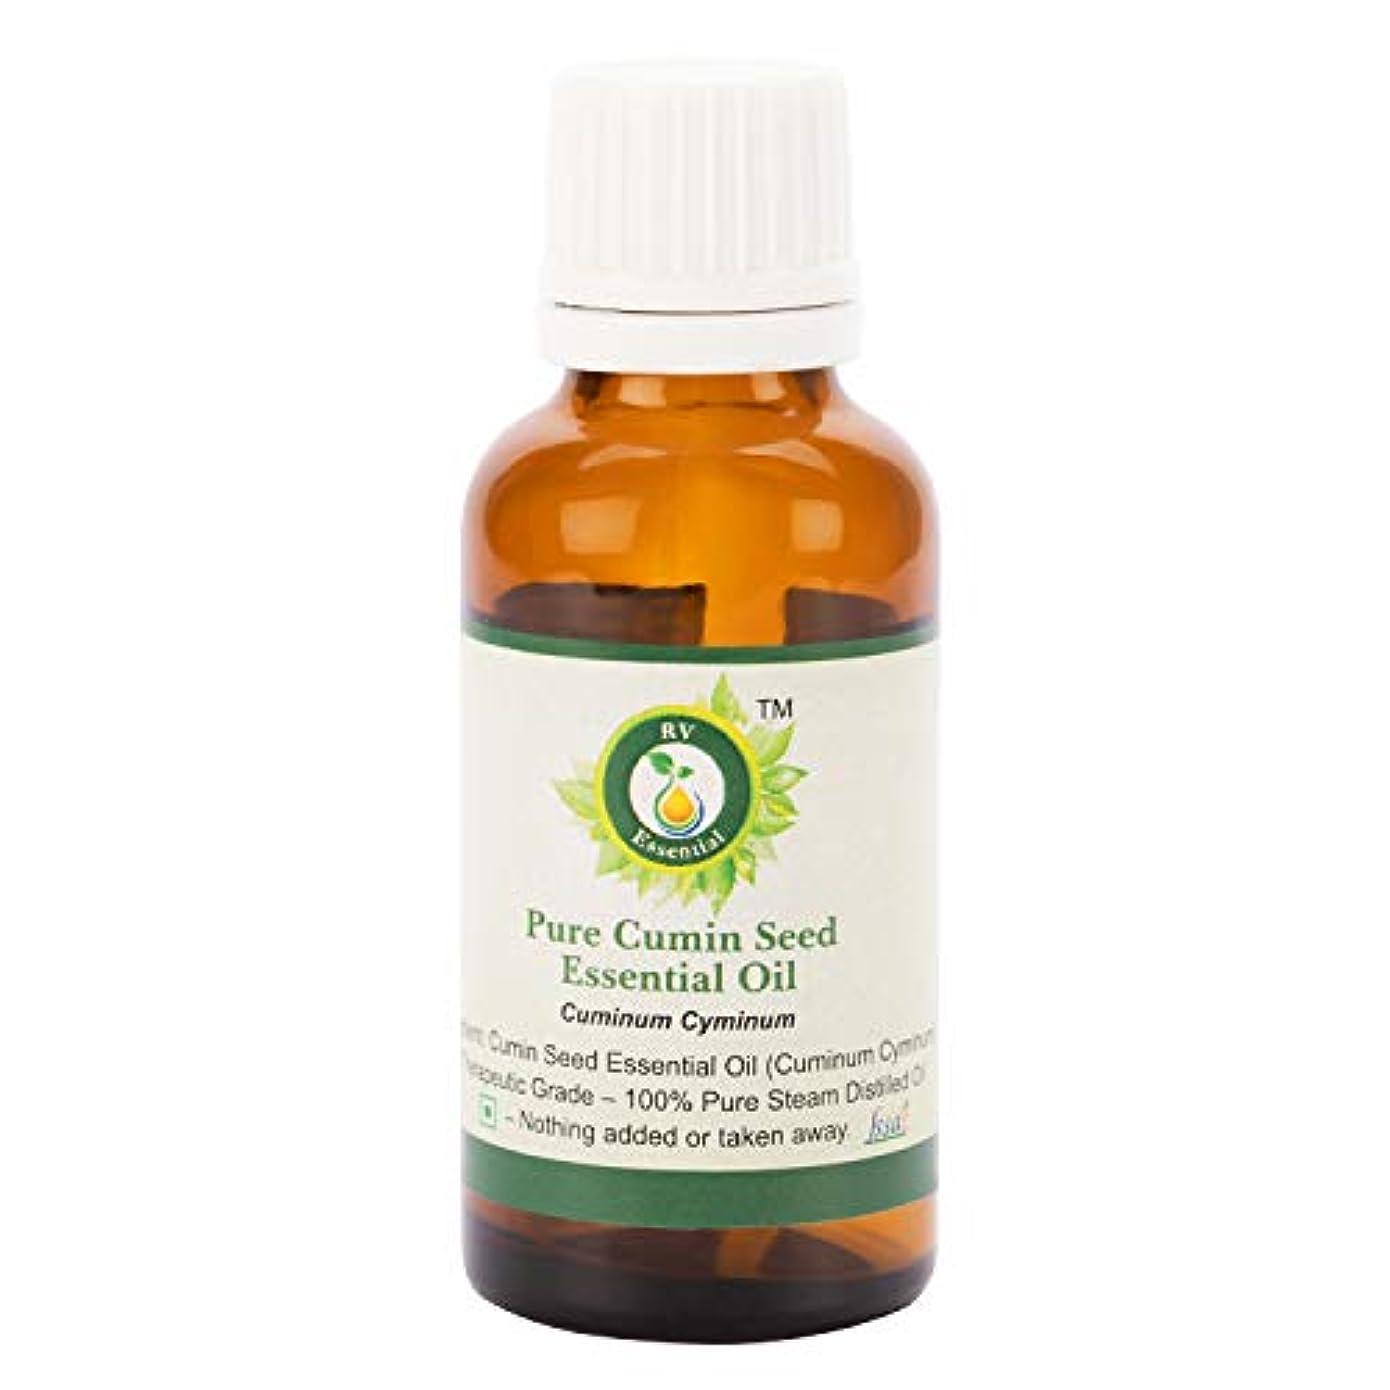 ダンスミッションどちらもピュアクミンシードエッセンシャルオイル5ml (0.169oz)- Cuminum Cyminum (100%純粋&天然スチームDistilled) Pure Cumin Seed Essential Oil